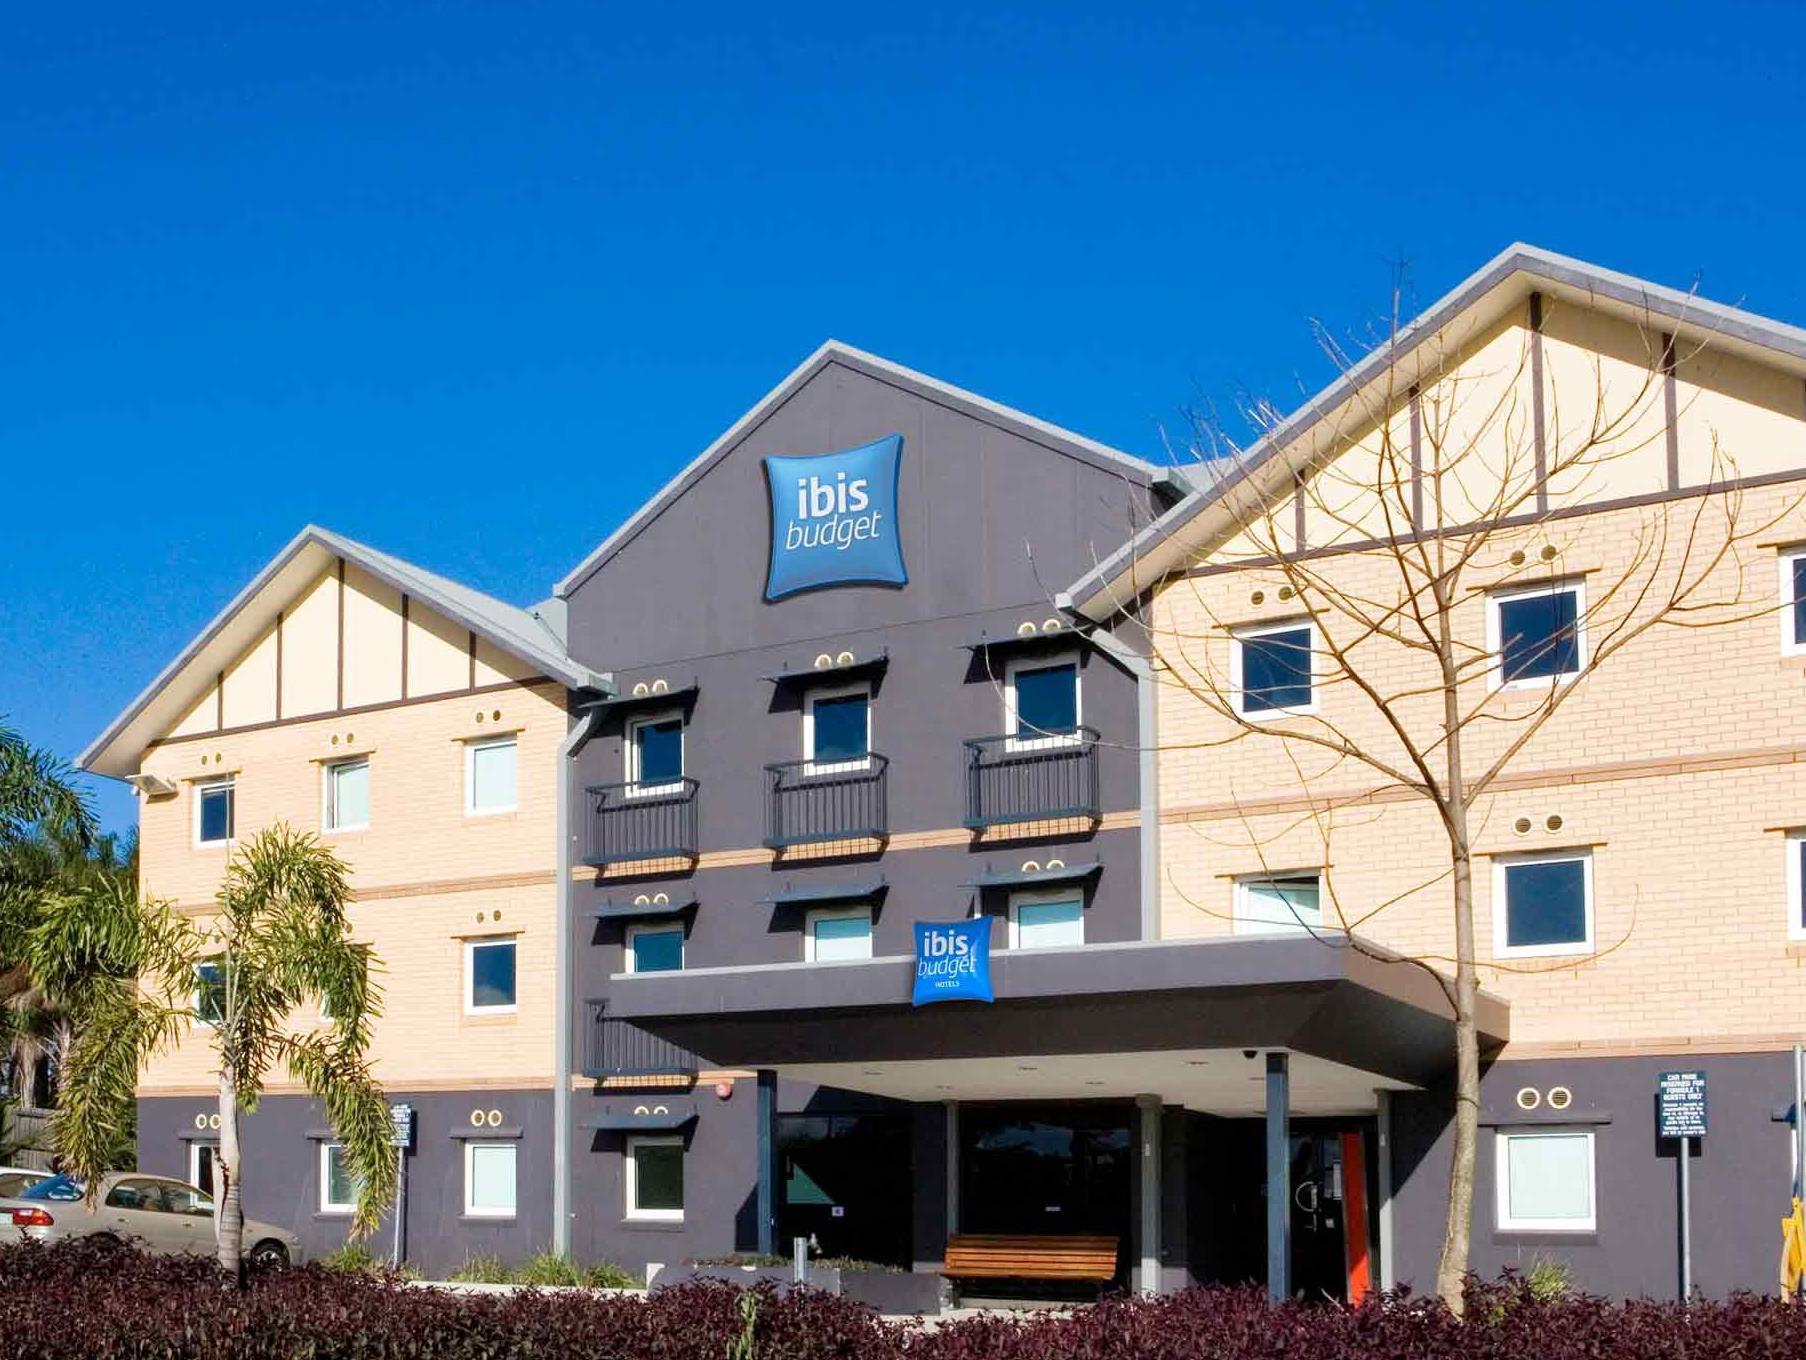 Ibis Budget Windsor Brisbane Hotel